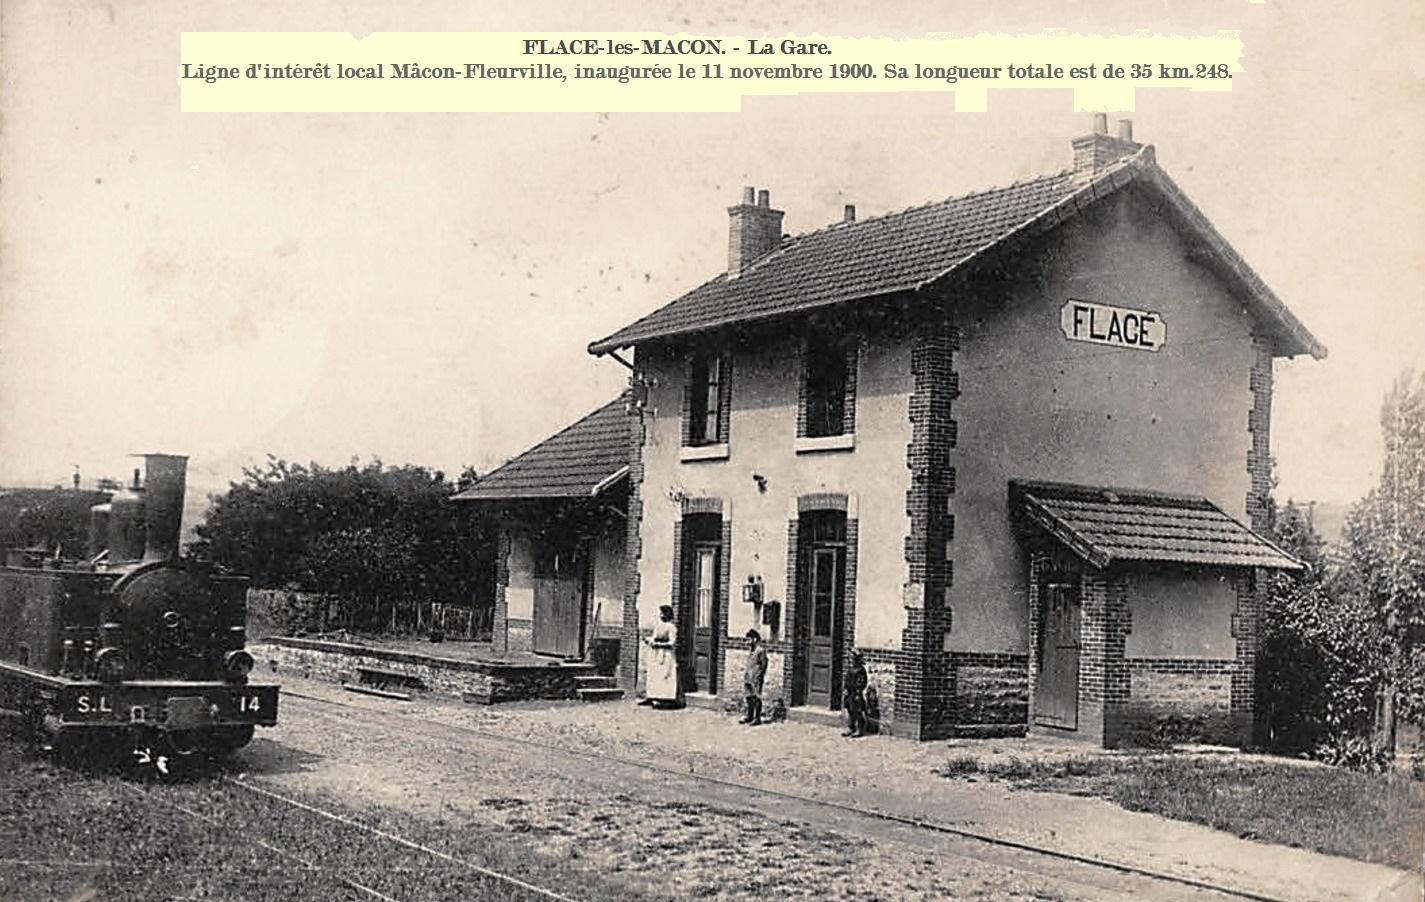 Mâcon (71) Flacé-les-Mâcon, la gare CPA